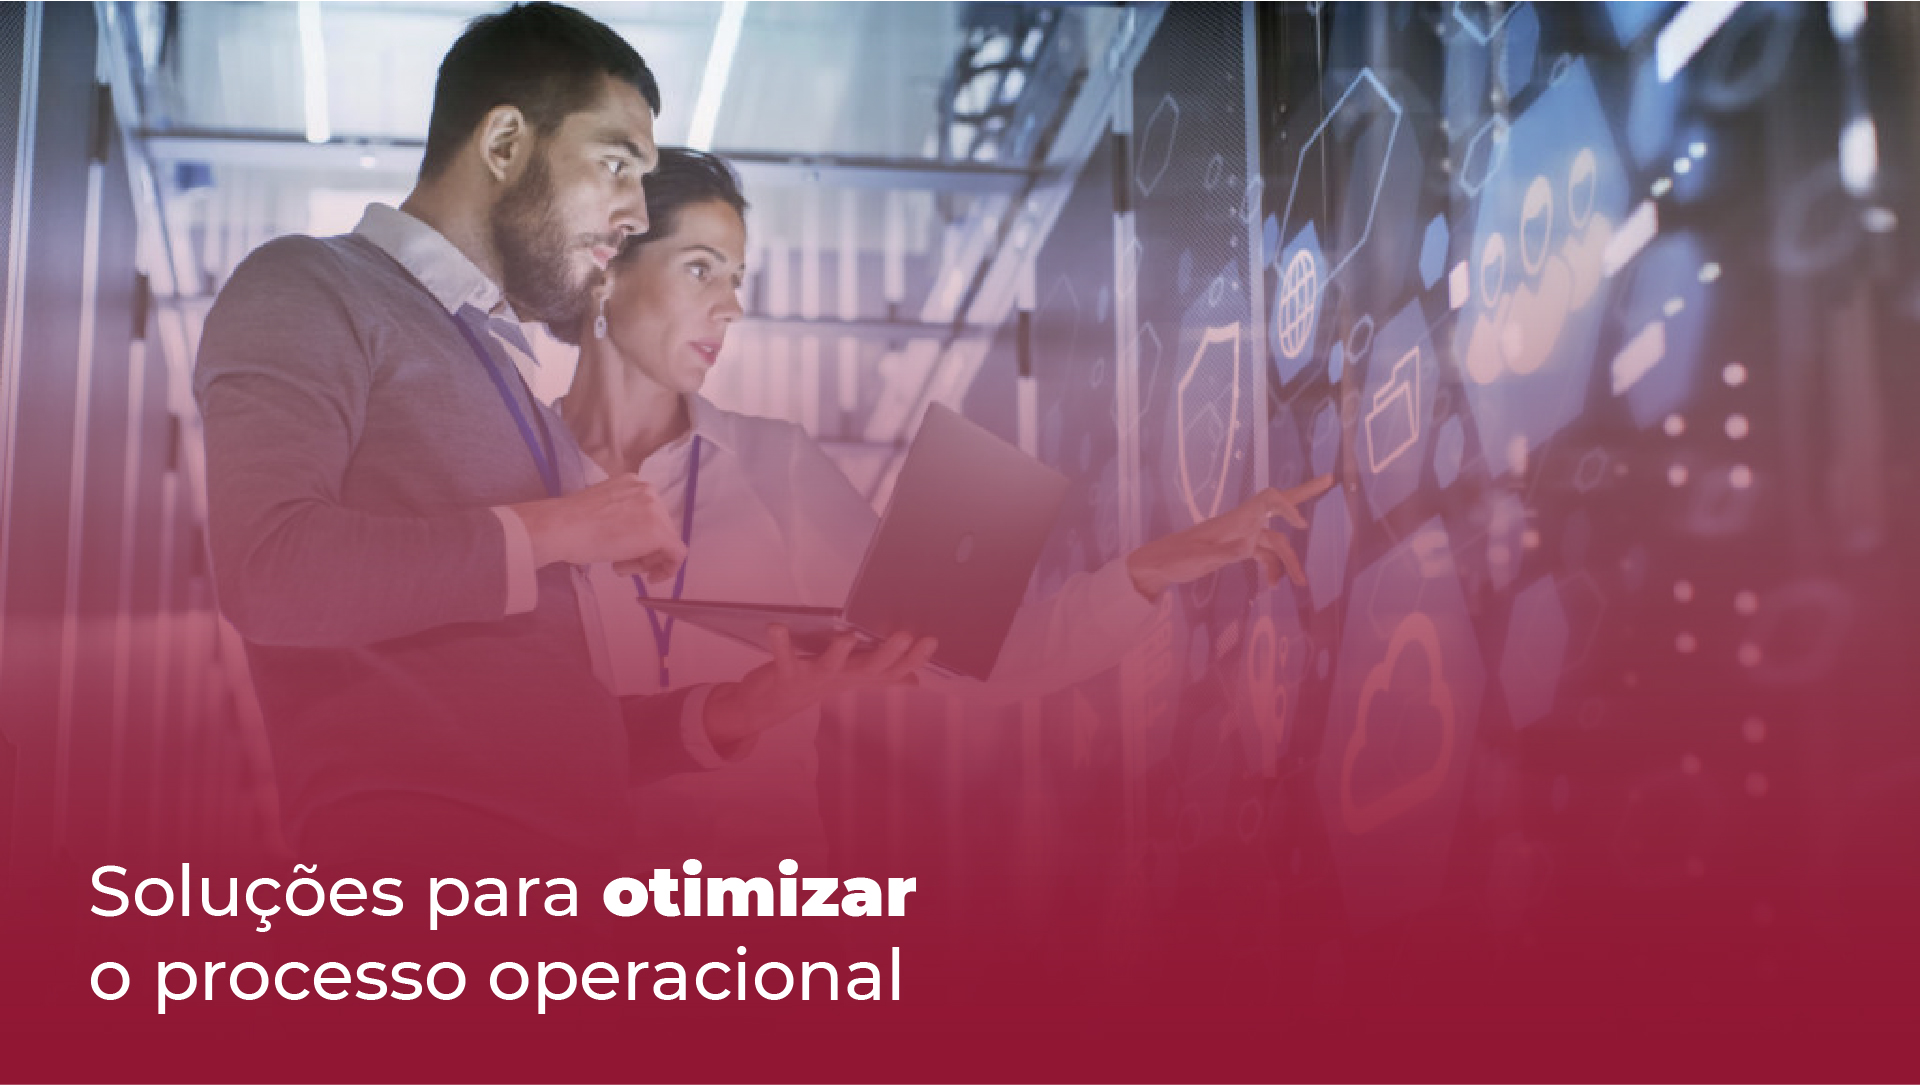 Soluções para otimizar o processo operacional